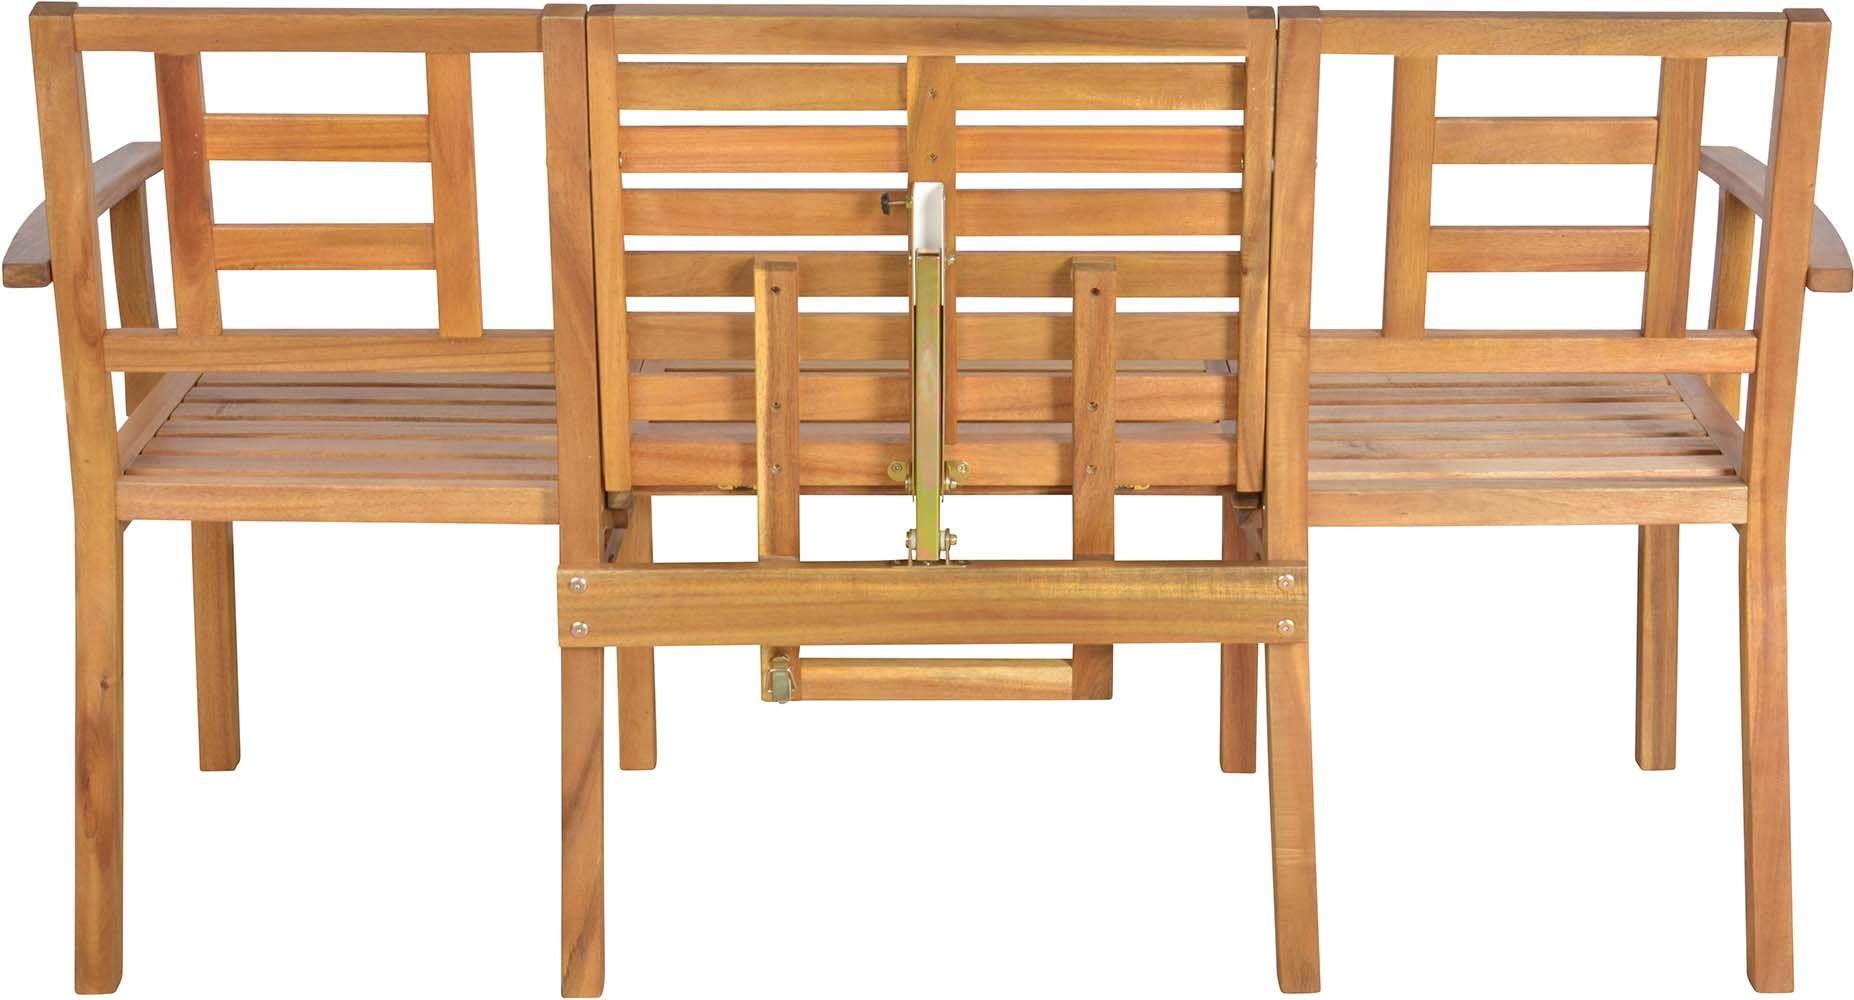 Banc de jardin convertible en table chaises en bois for Banc de jardin en bois exotique